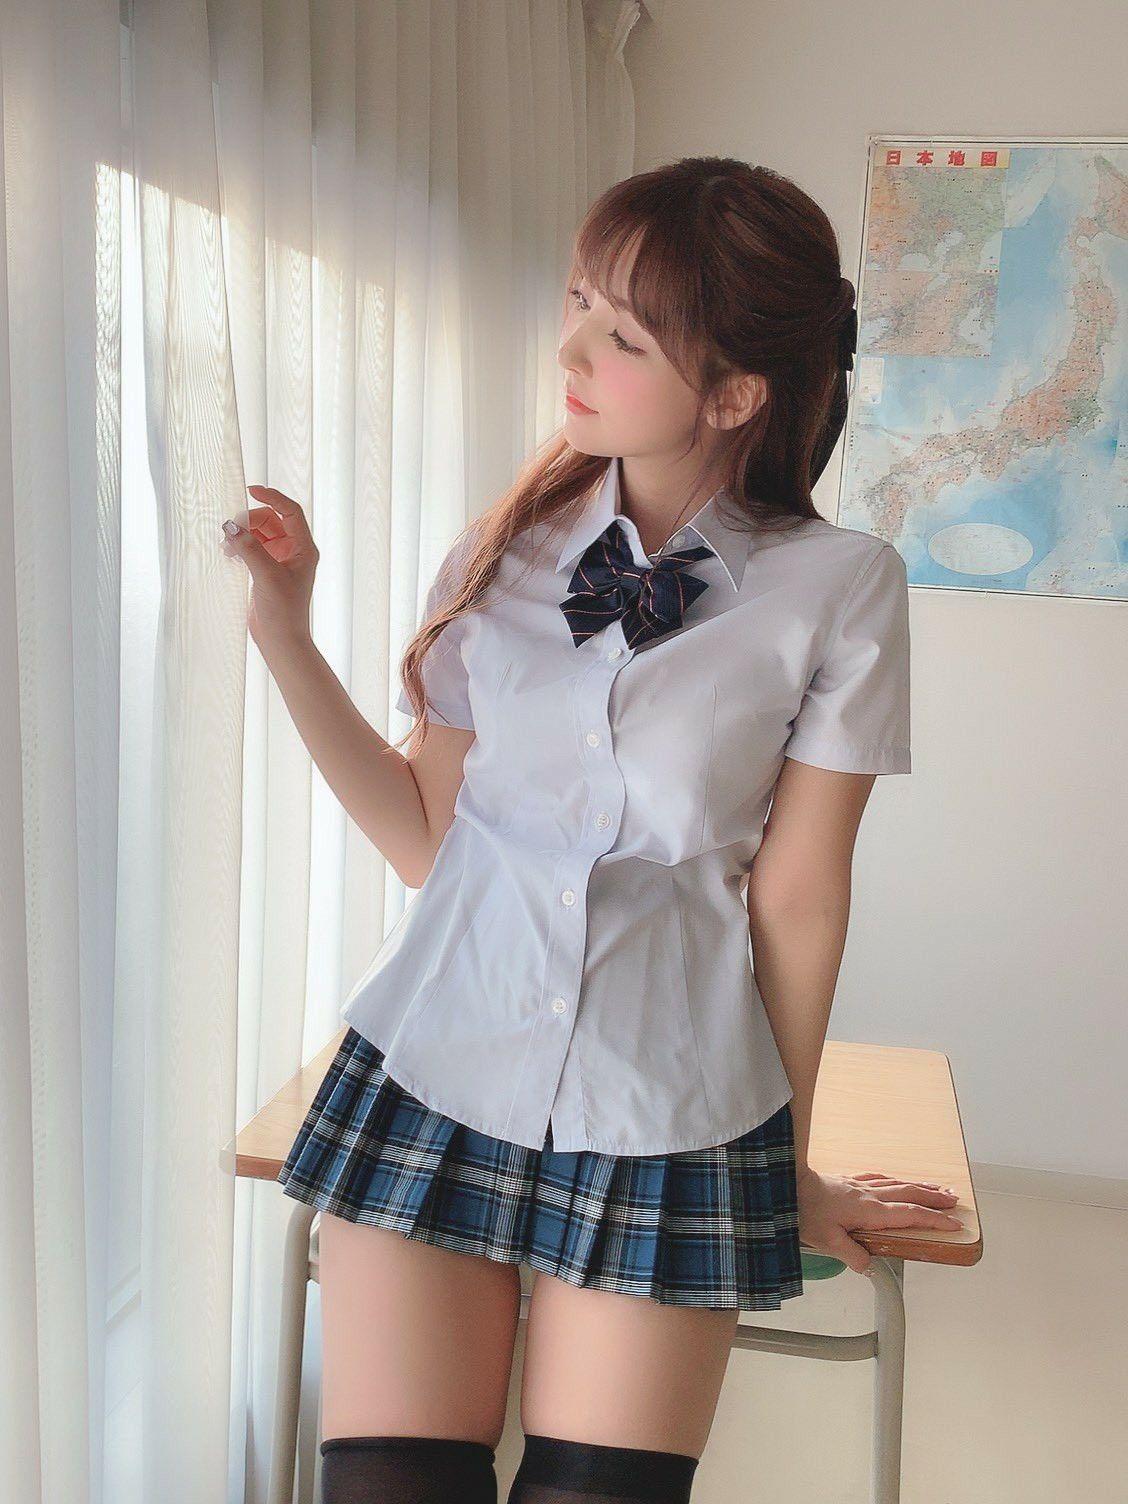 清純JK美少女 #格子裙 #制服美少女》#Cute #Girl #Pretty #Girls #漂亮 #可愛 #青春活力 #JK